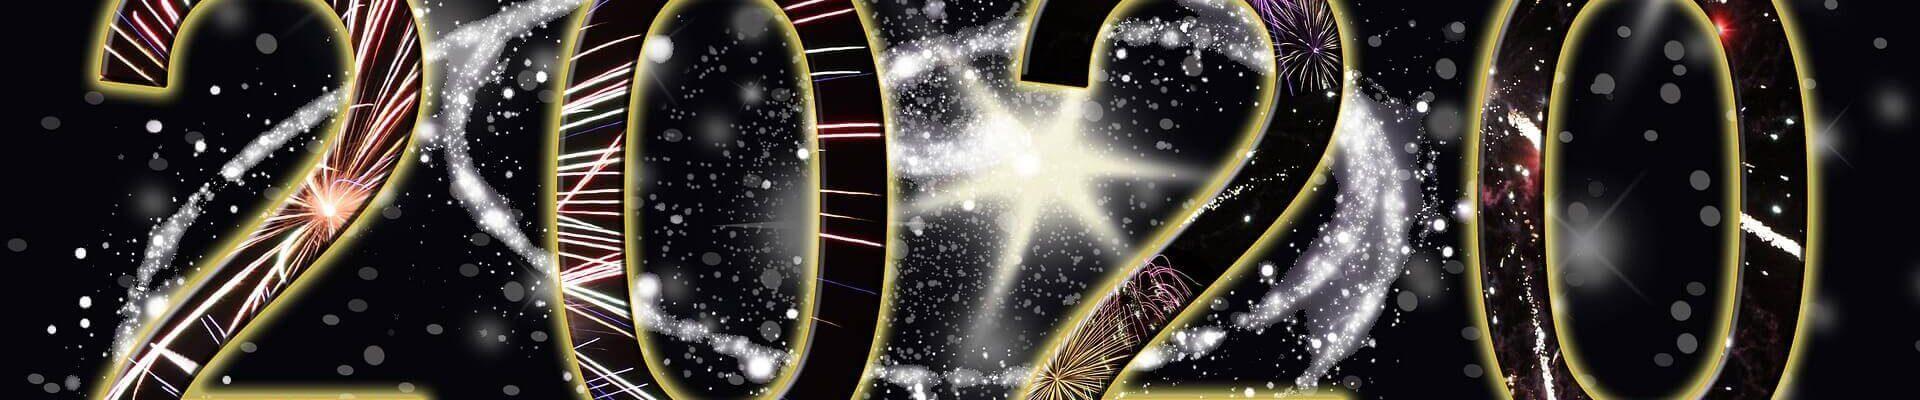 Mantra za sreću: Dvije moćne rečenice koje će 2020. učiniti najboljom godinom do sad! ,Najpoznatiji ruski astrolog Pavel Globa tvrdi: U 2020. godini neviđena sreća očekuje ova 3 znaka! , Veliki horoskop po znakovima za 2020. godinu!